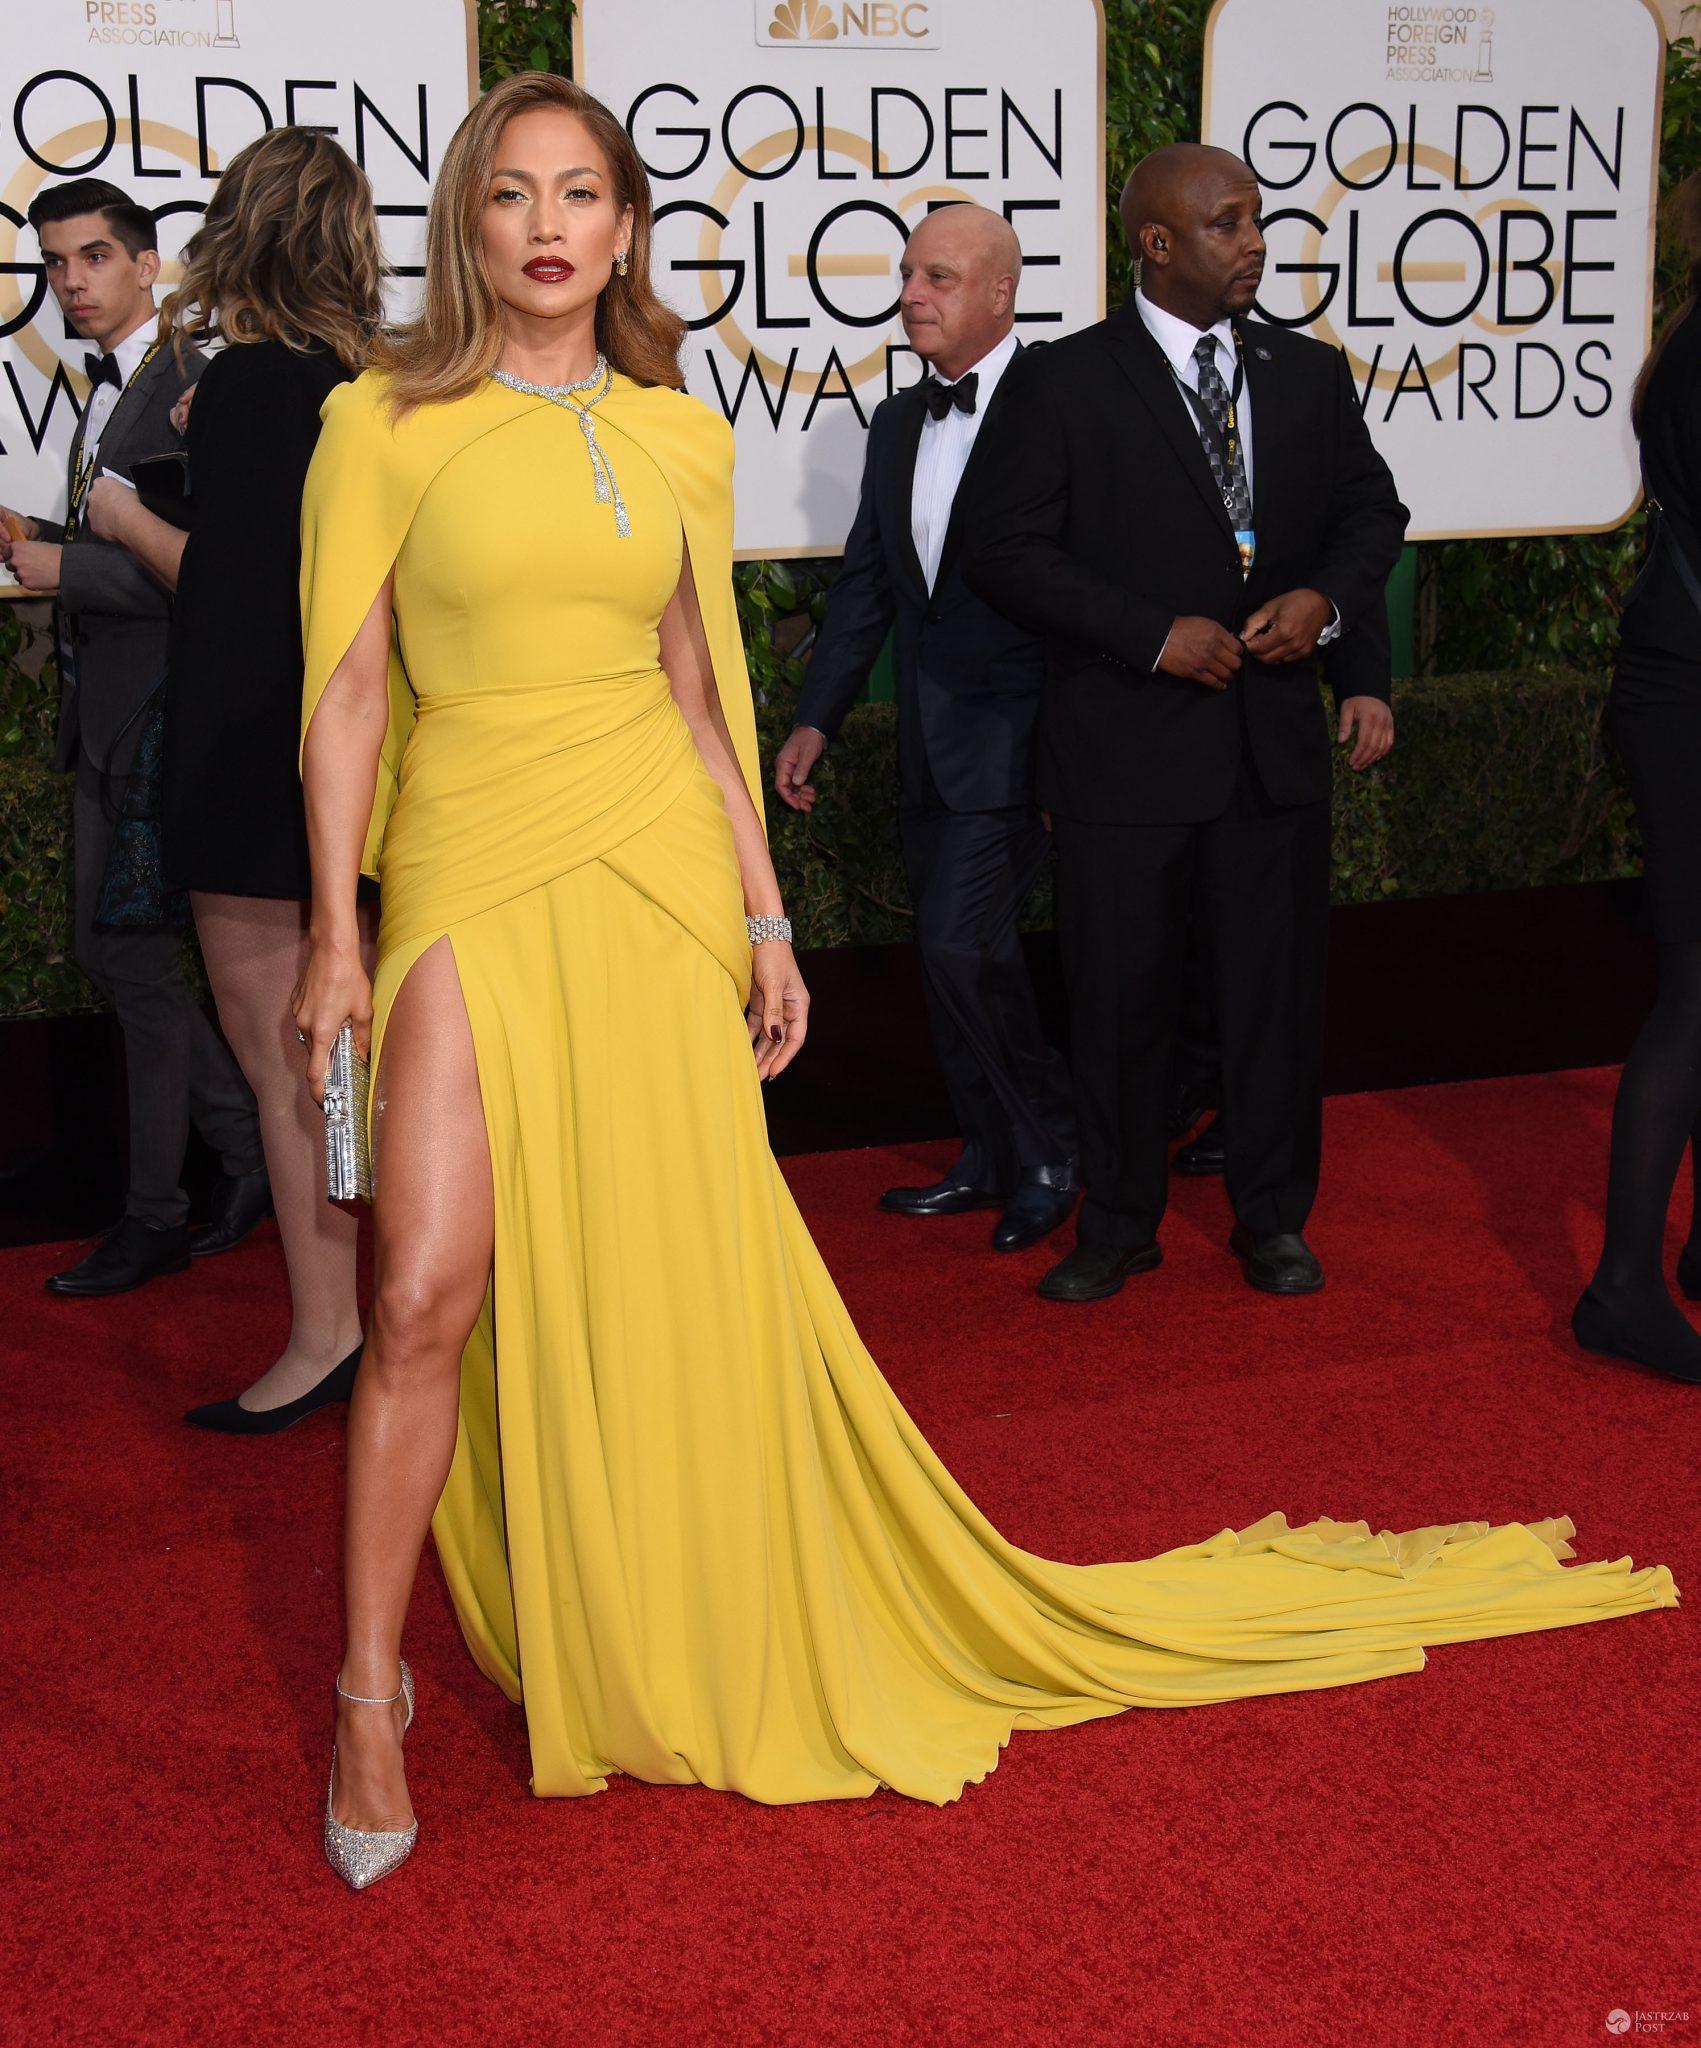 Jennifer Lopez, Złote Globy 2016 (fot. ONS)